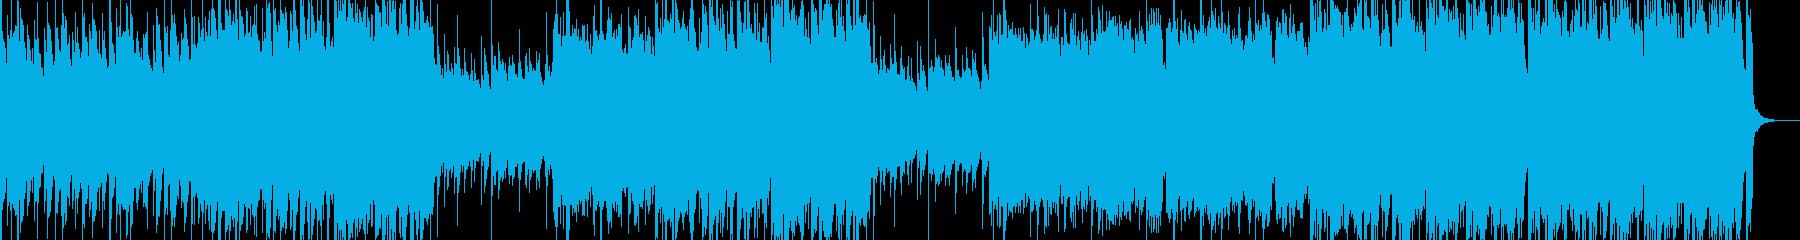 バグパイプを用いたトラッドの再生済みの波形